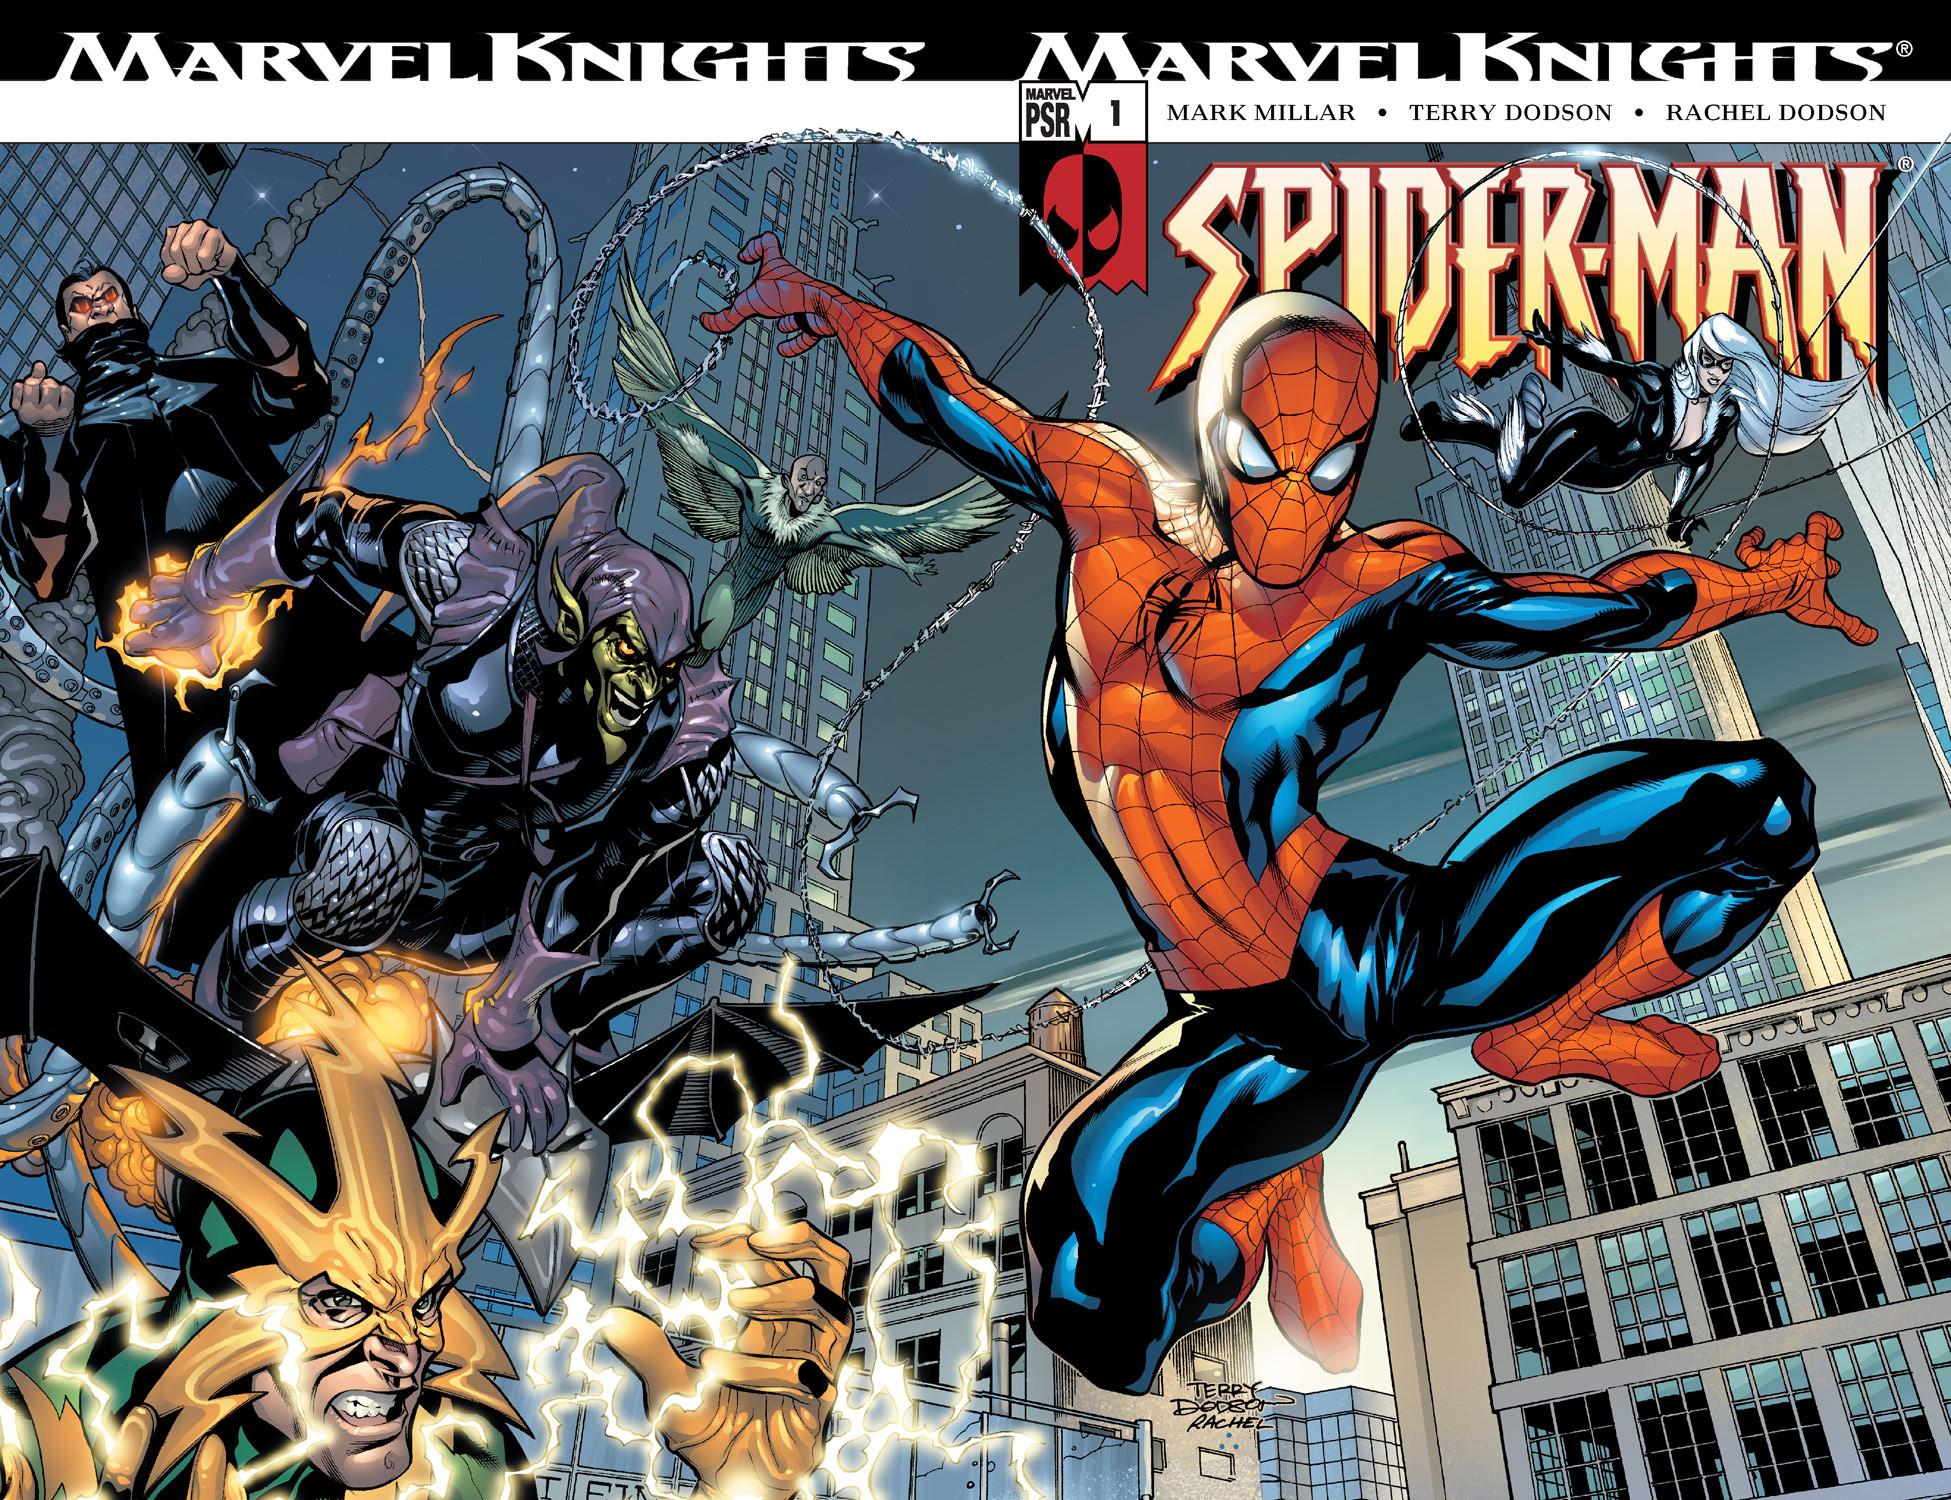 Marvel Knights Spider-Man Vol 1 1 Variant Wrap.jpg